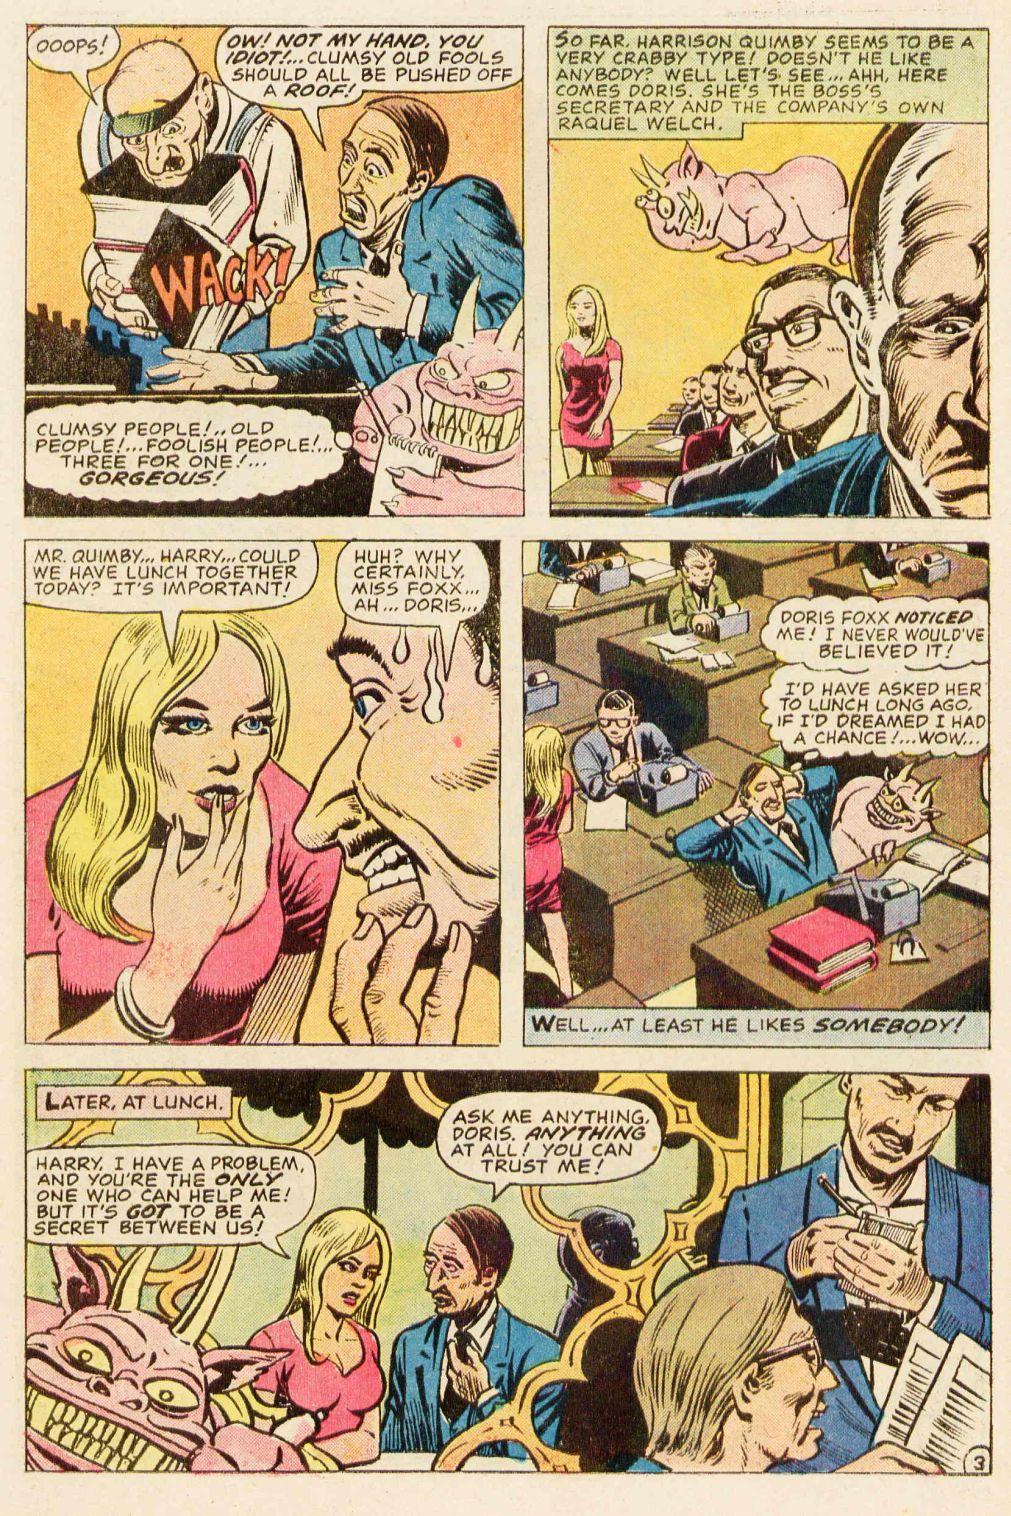 House of Secrets (1956) #120 pg13.